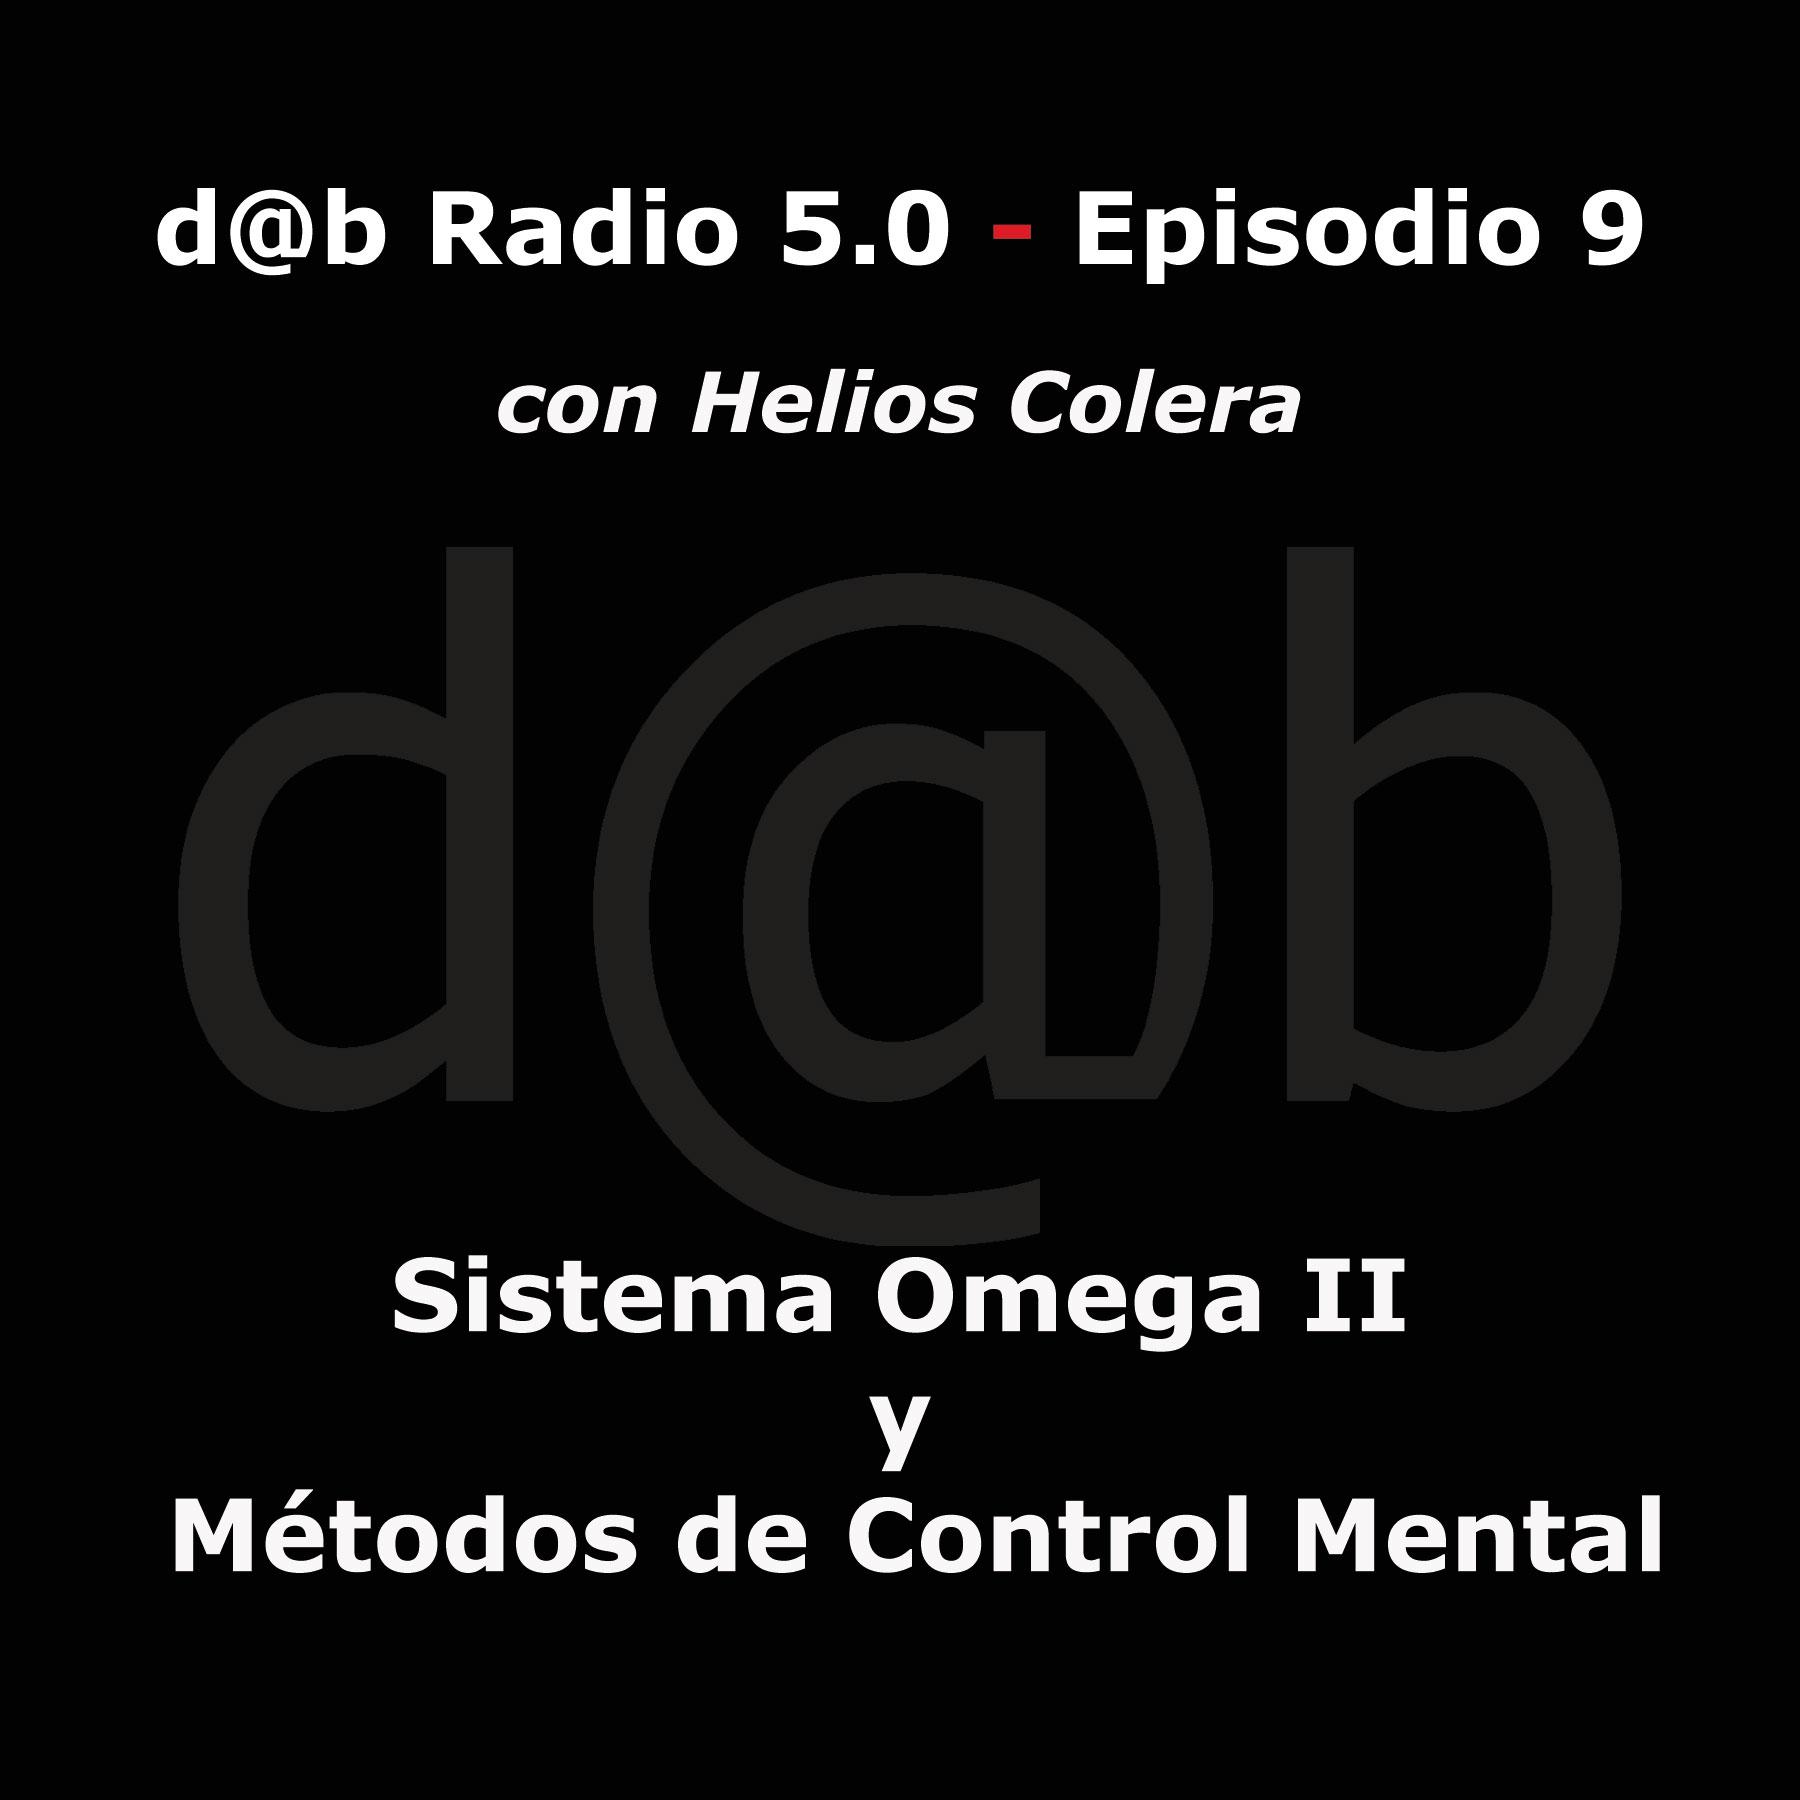 Desmontando a Babylon: DaB  Radio  5.0    Episodio  9  con  helios  colera  y  el  Informe  OMEGA  II  –  Métodos  para  Control  mental